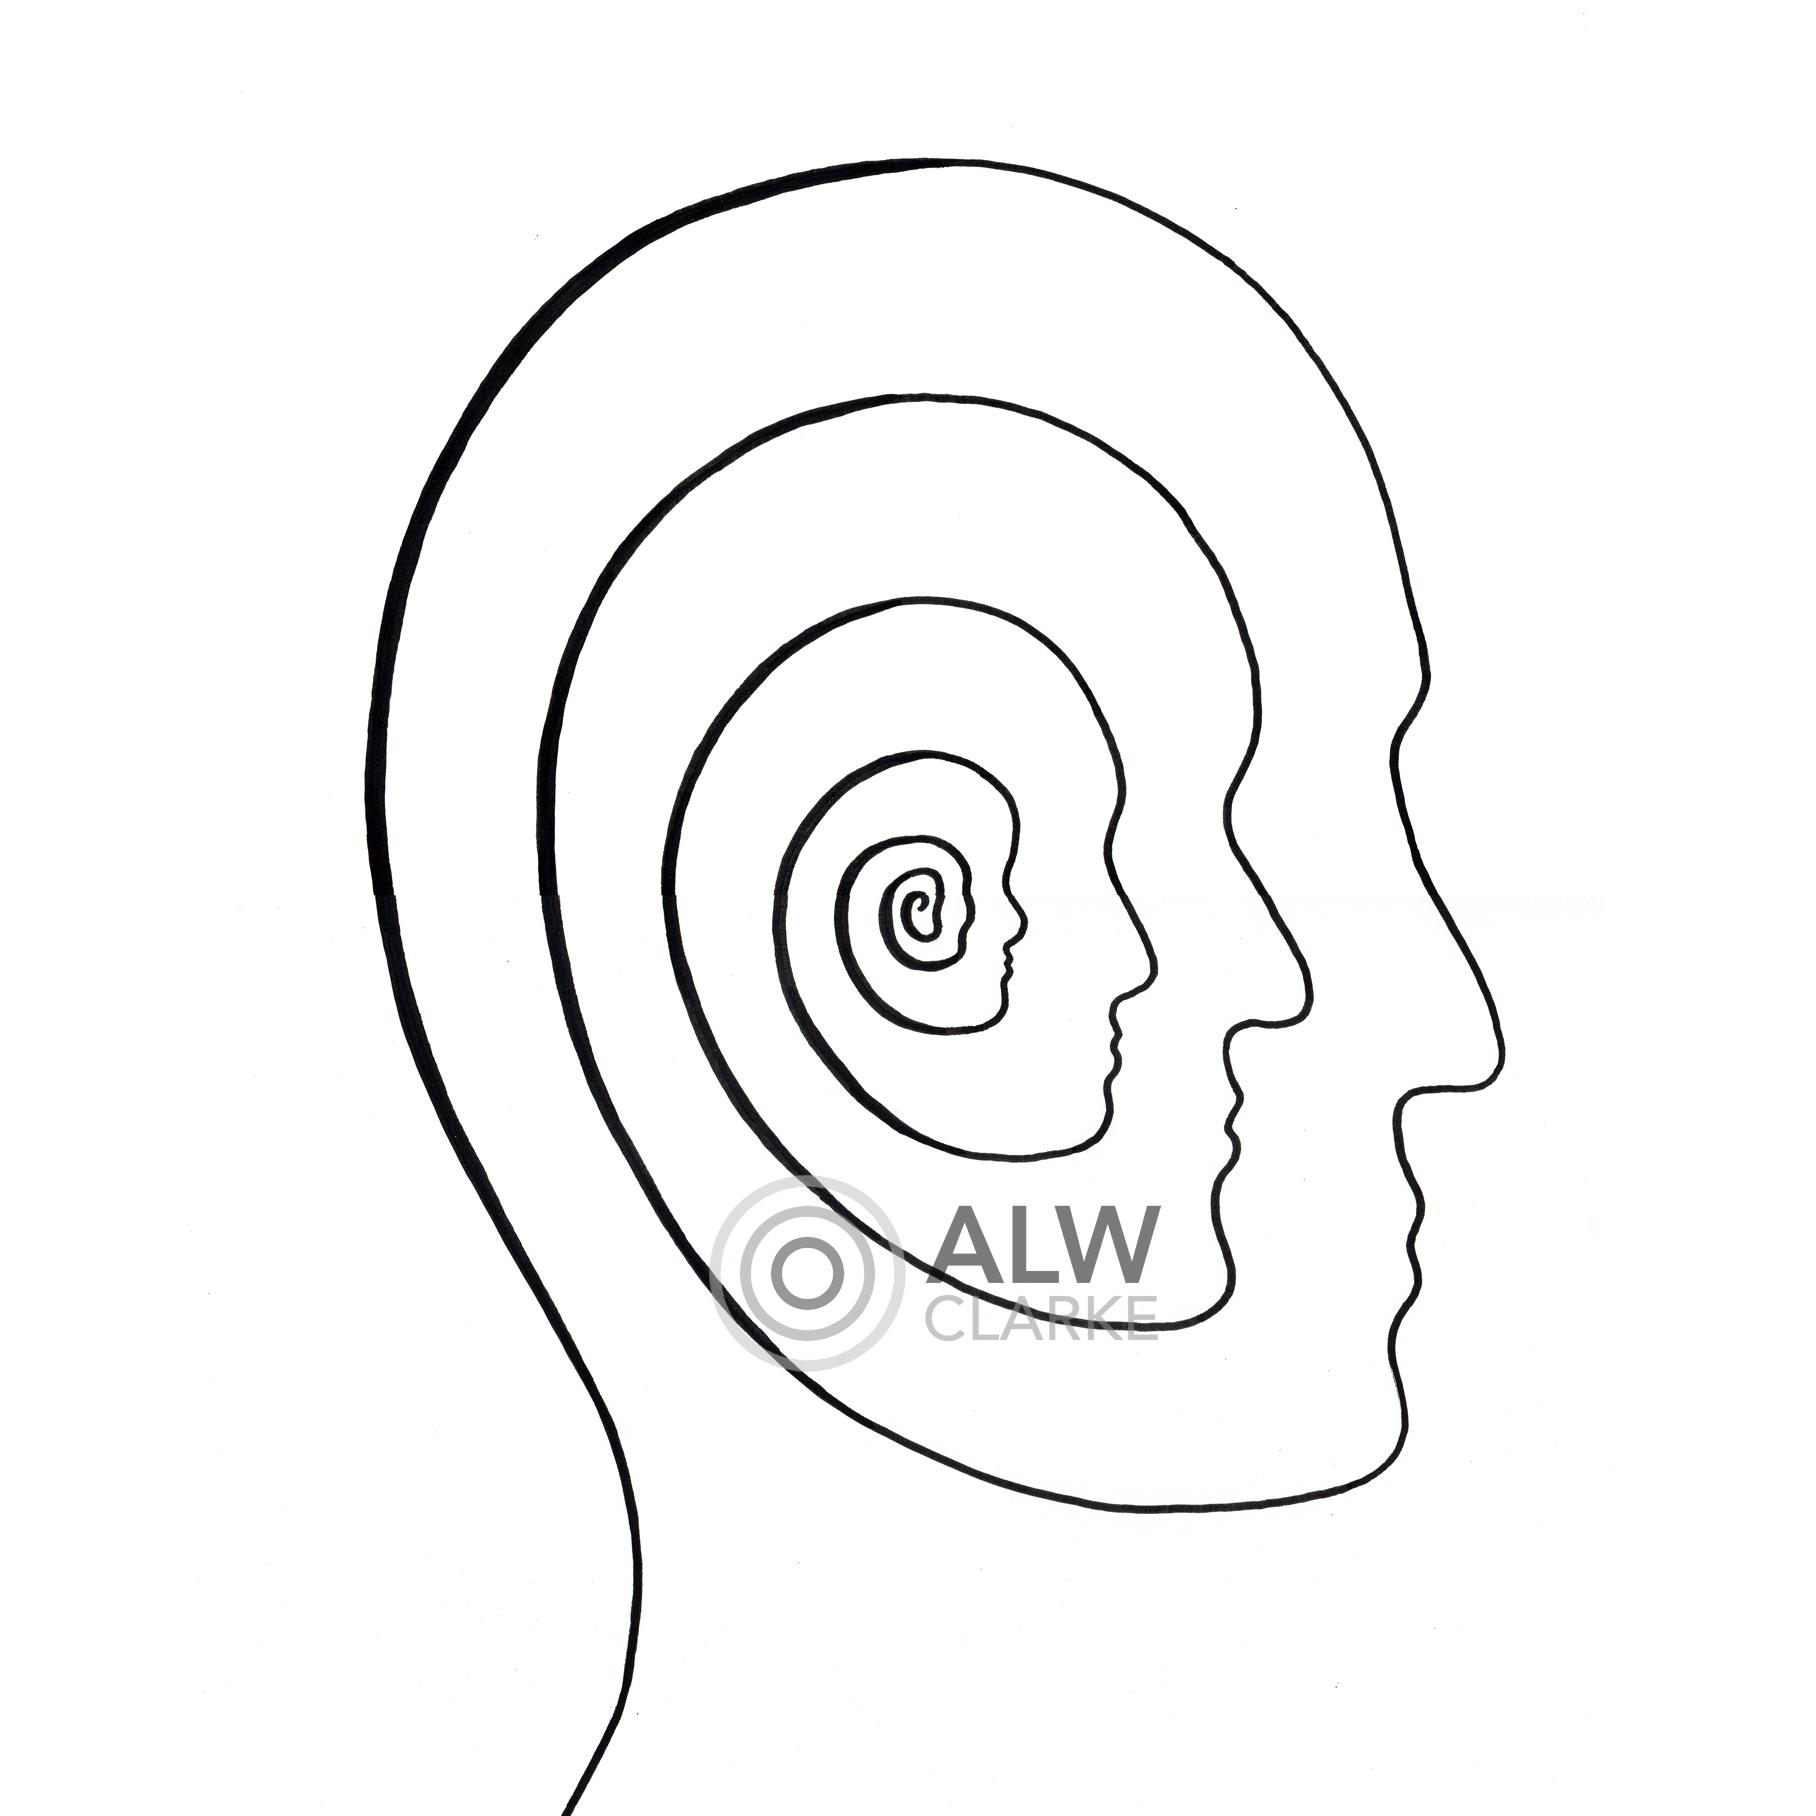 ALW-Clarke-Growth-Open-Mind-Artwork.jpg